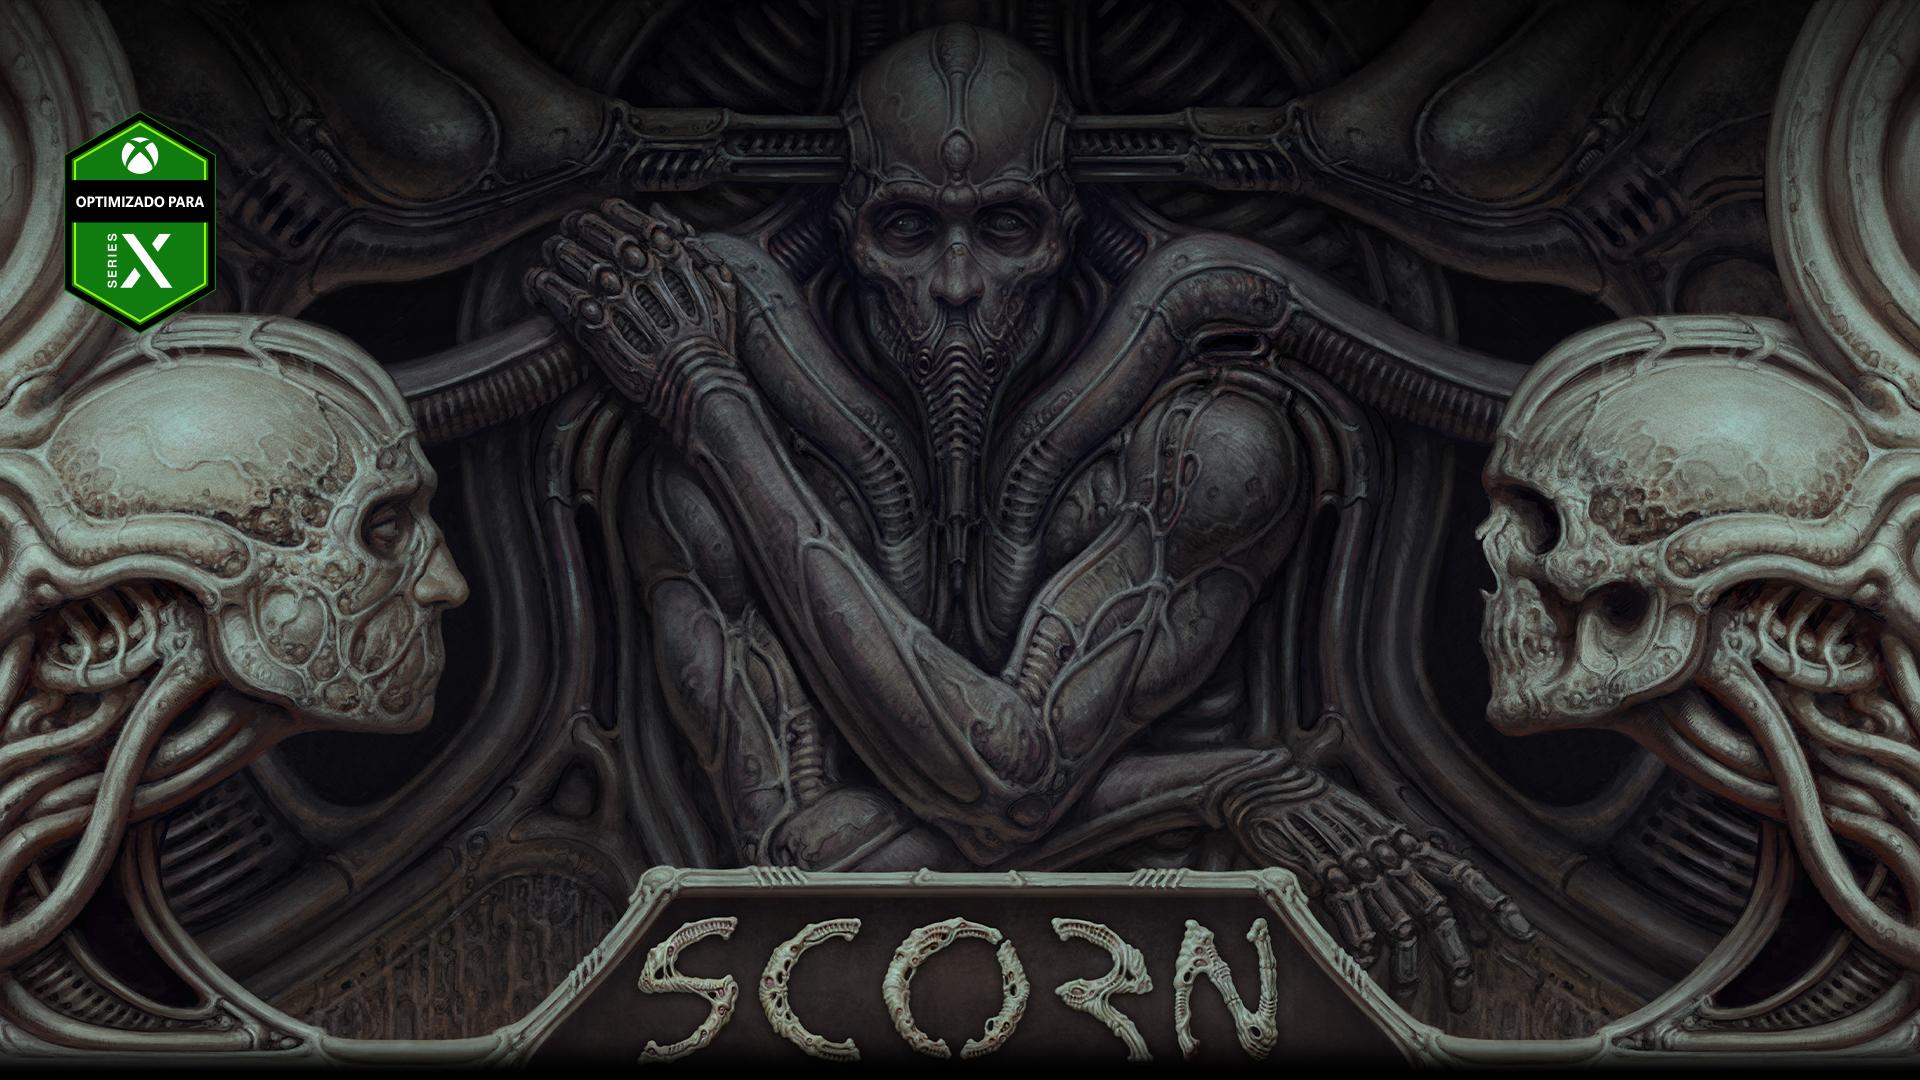 Personaje de Scorn incrustado en una pared con dos calaveras a los lados.